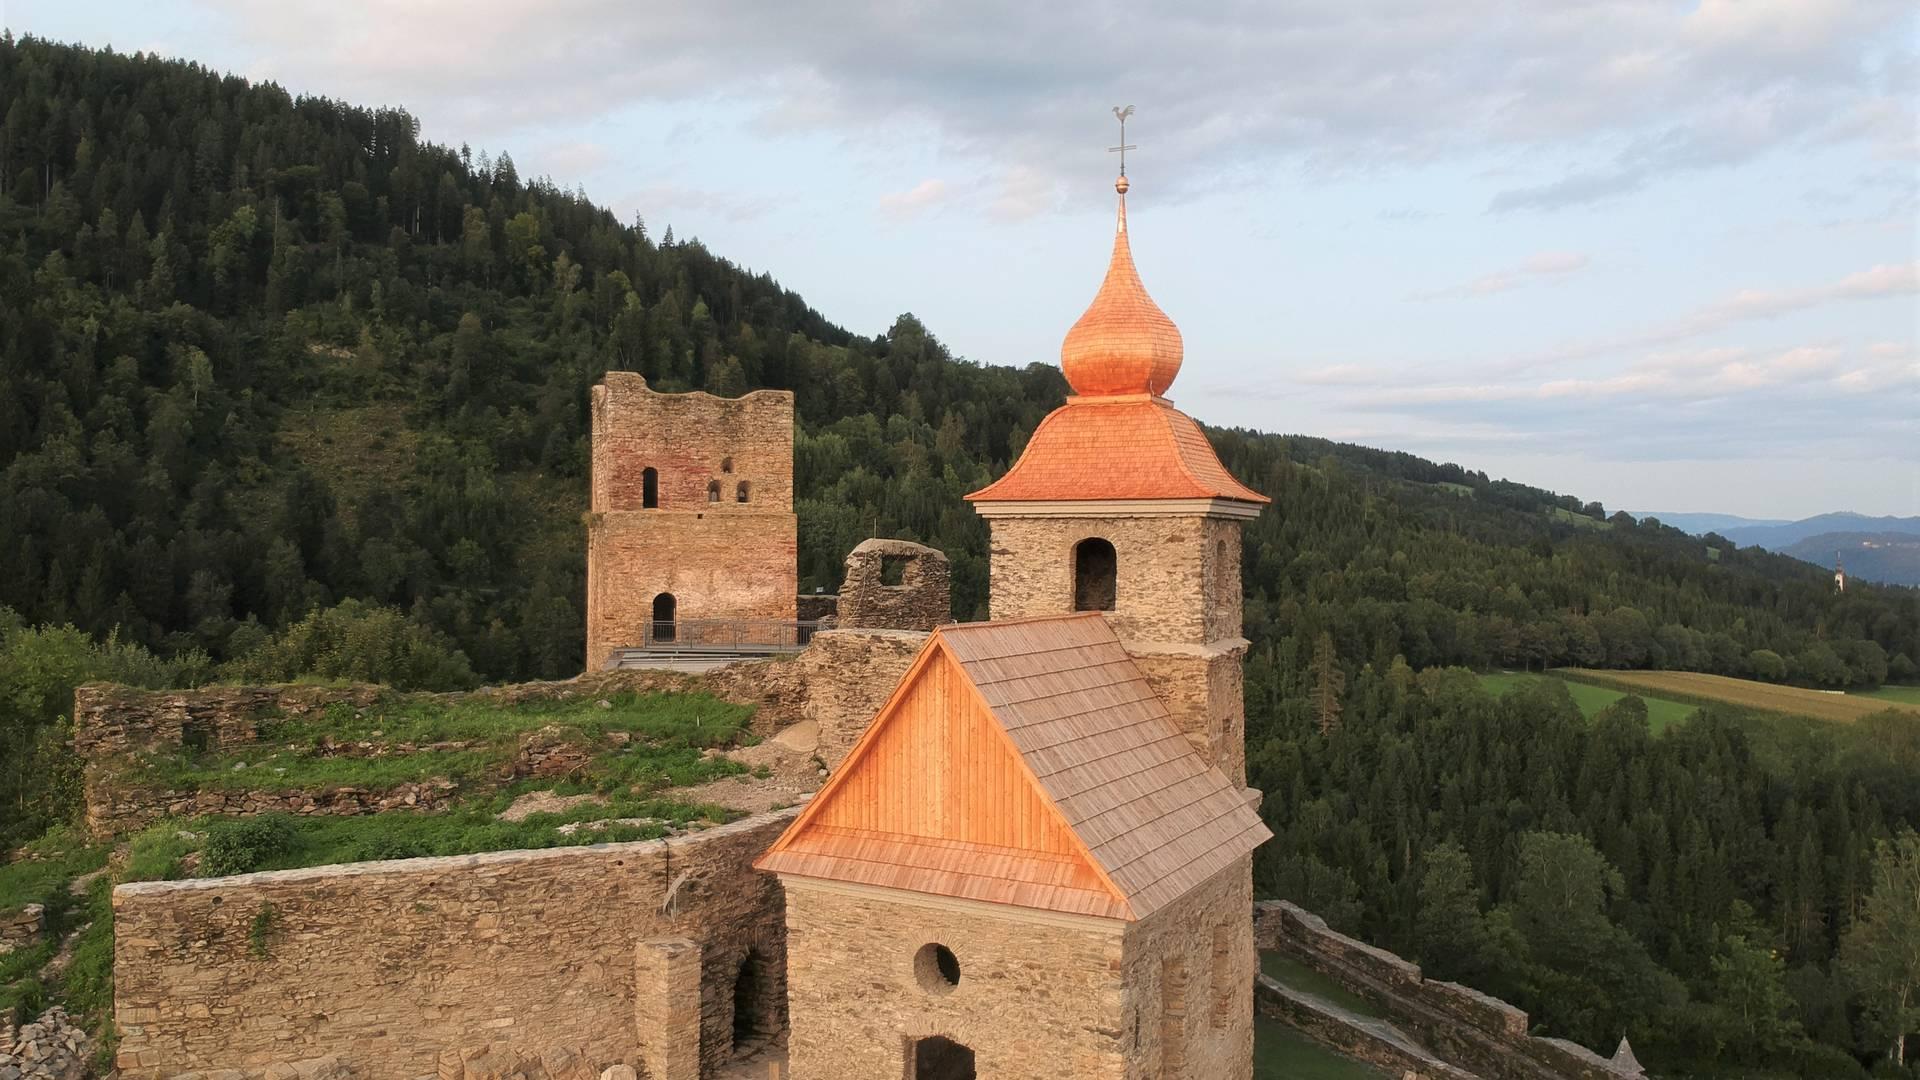 <p>Burgen und Schlösser in Kärnten, Burgruine Glanegg</p>